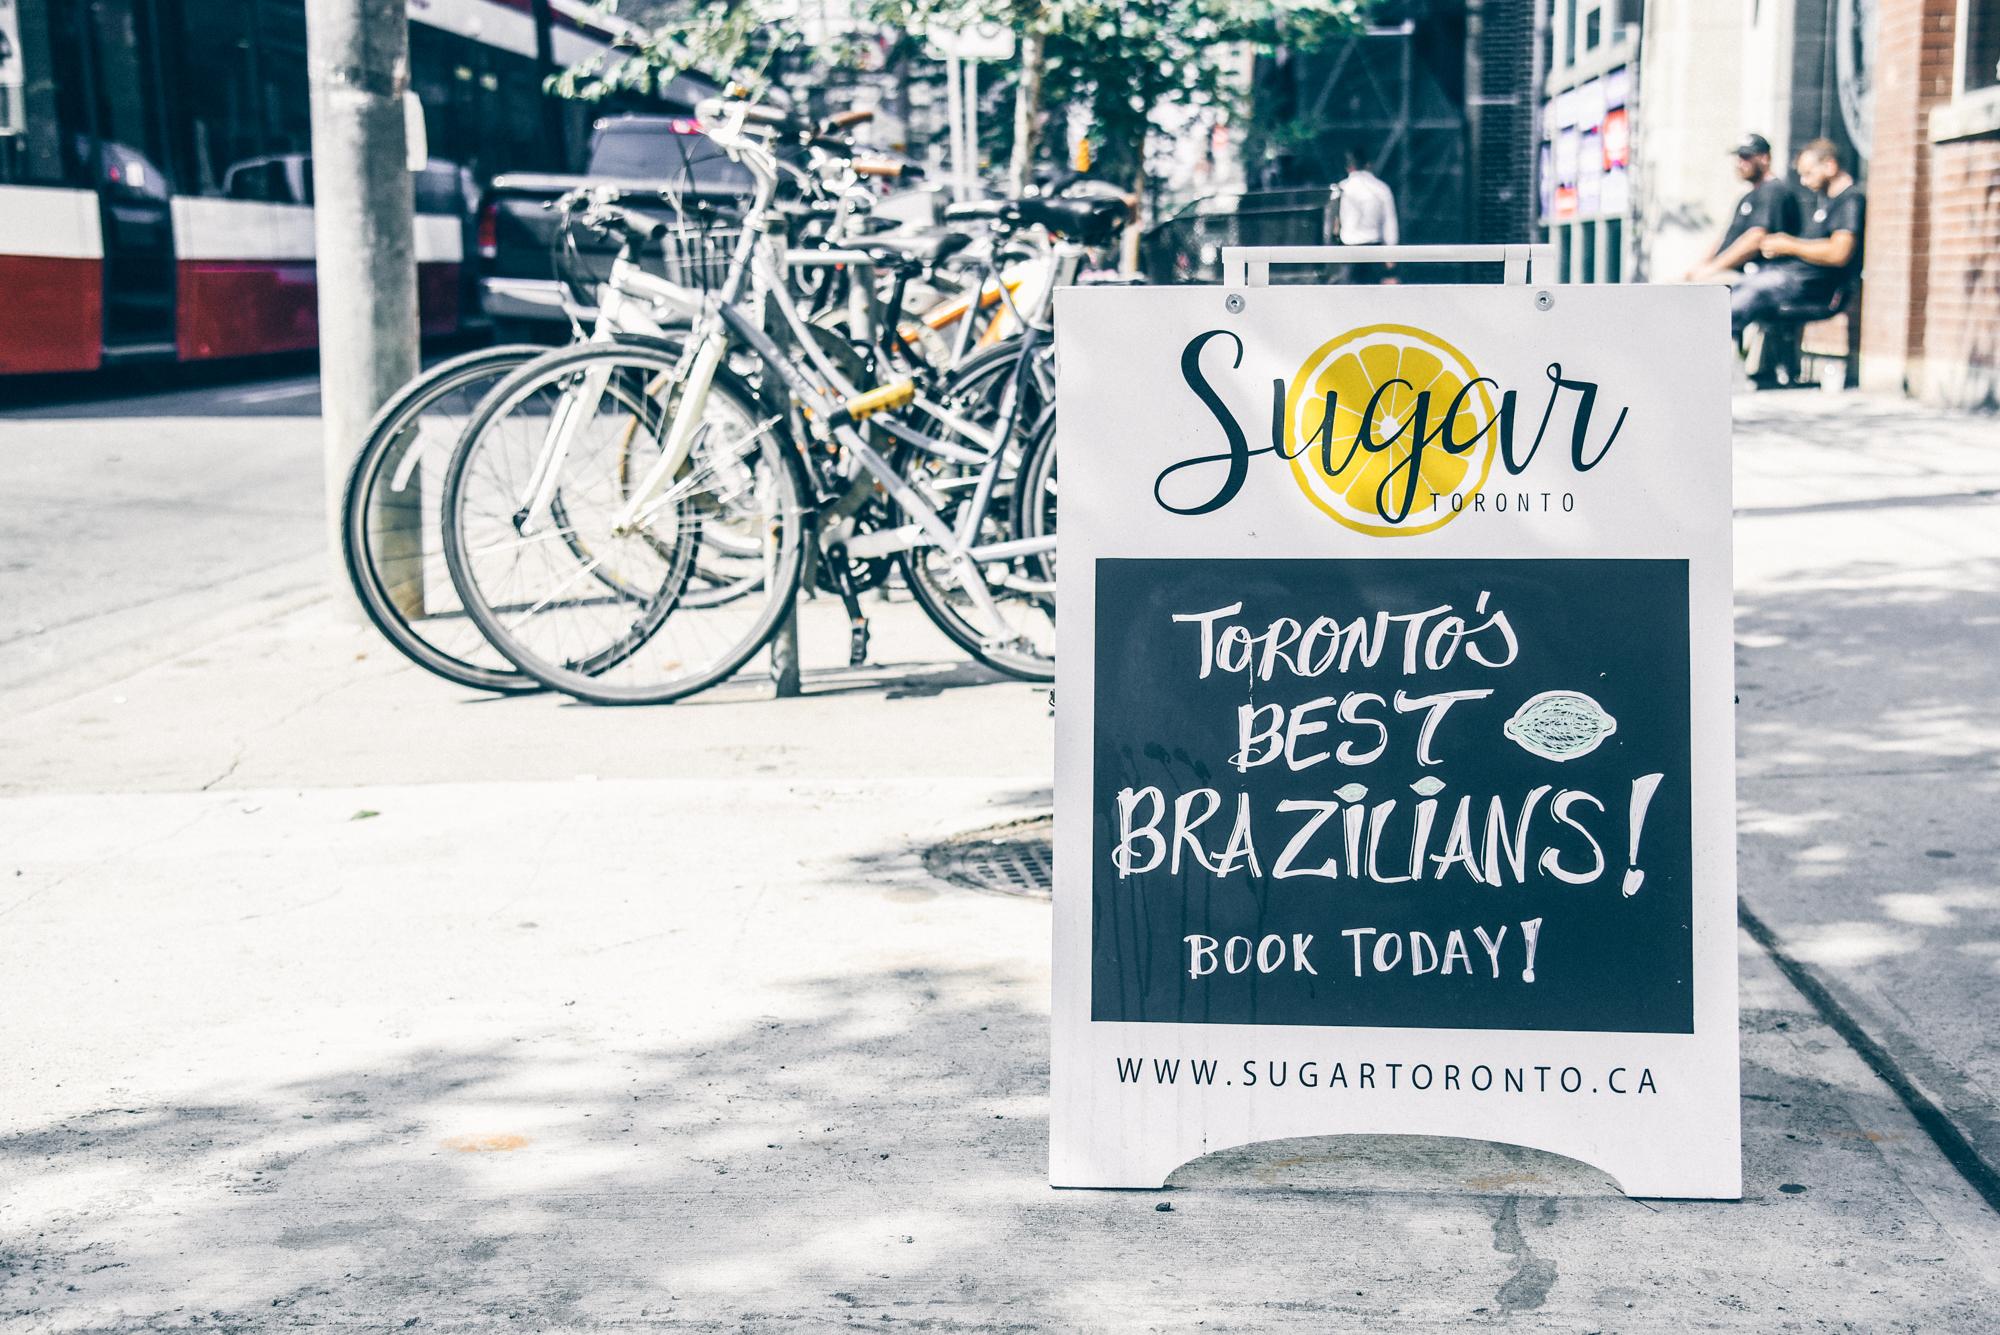 SugarToronto-1-2.jpg